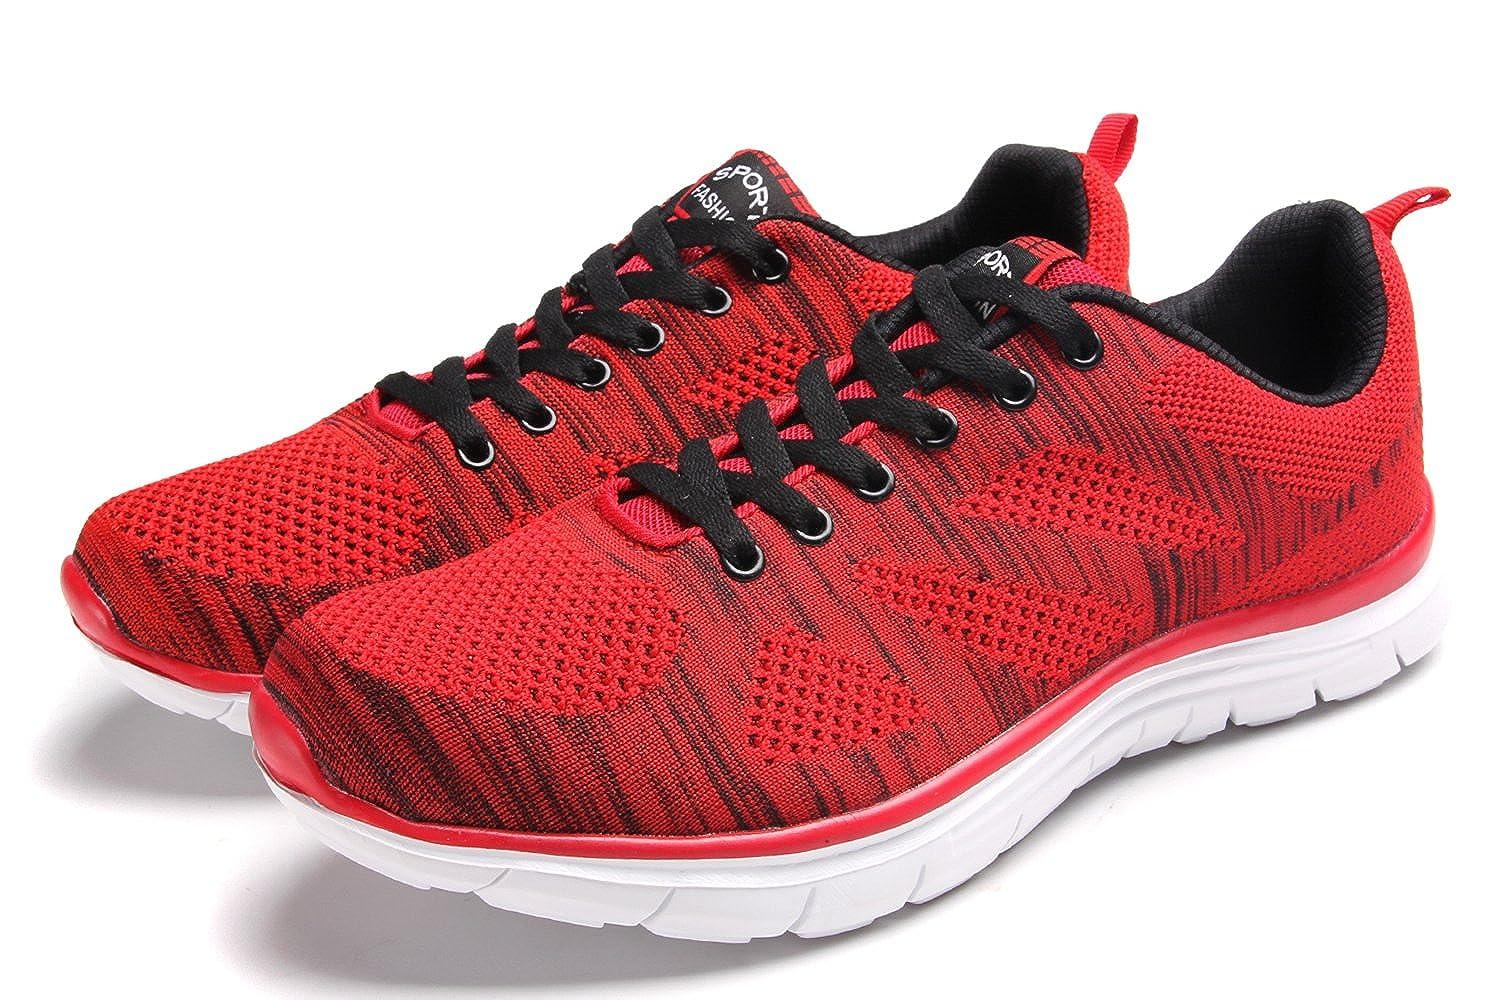 Clapzovr Hombre Mujer Zapatillas Deporte Zapatos para Correr Athletic Cordones: Amazon.es: Zapatos y complementos